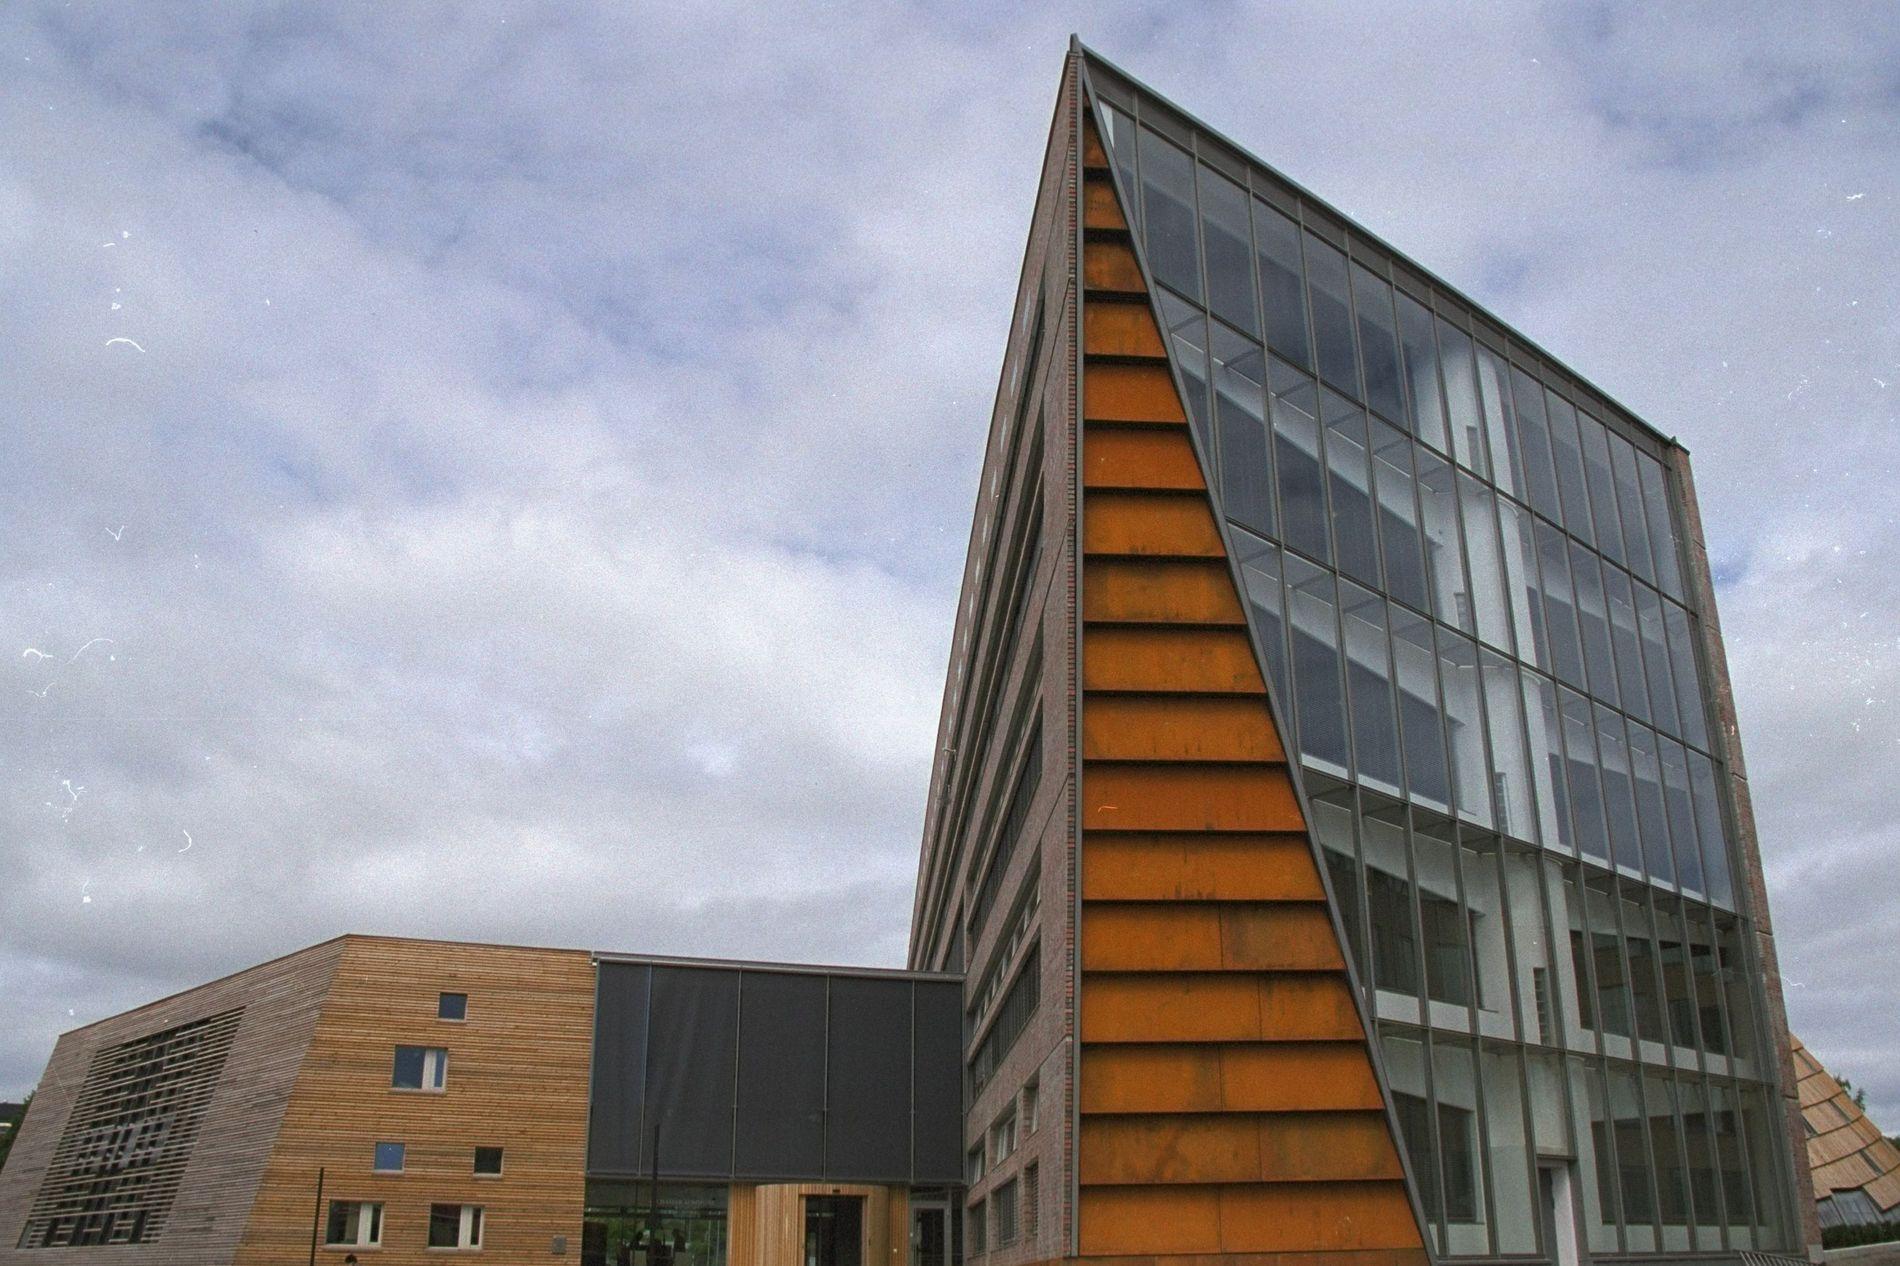 BØTELAGT: Hamar kommune, som holder hus i byens rådhus, må ut med 100.000 kroner til statskassen fordi en av byens skoler ikke har fulgt opp krav om tilrettelegging av et bedre arbeidsmiljø for en elev.